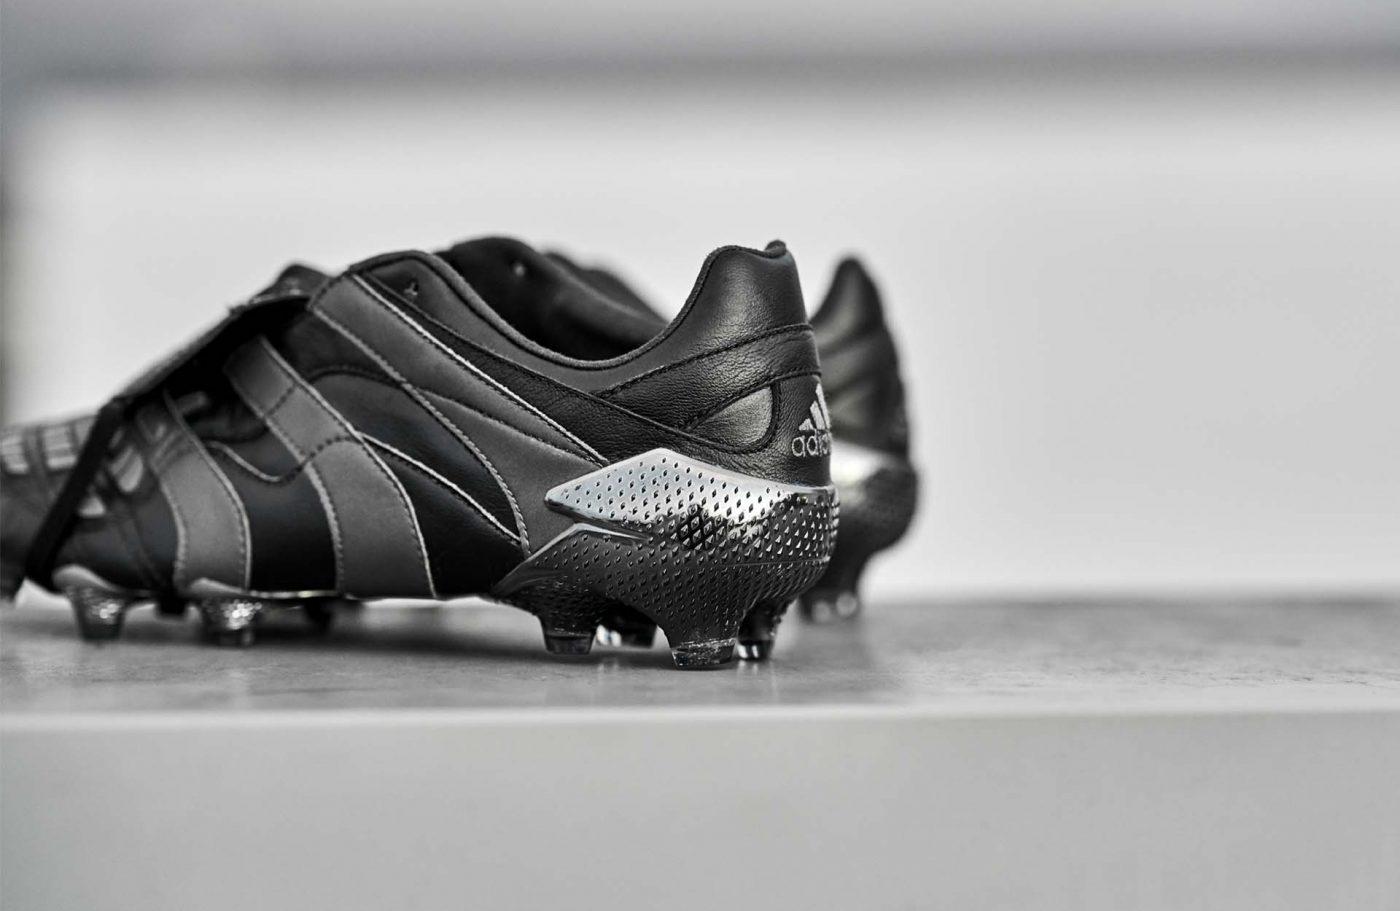 chaussures-foot-adidas-predator-accelerator-blackout-eternal-class-2